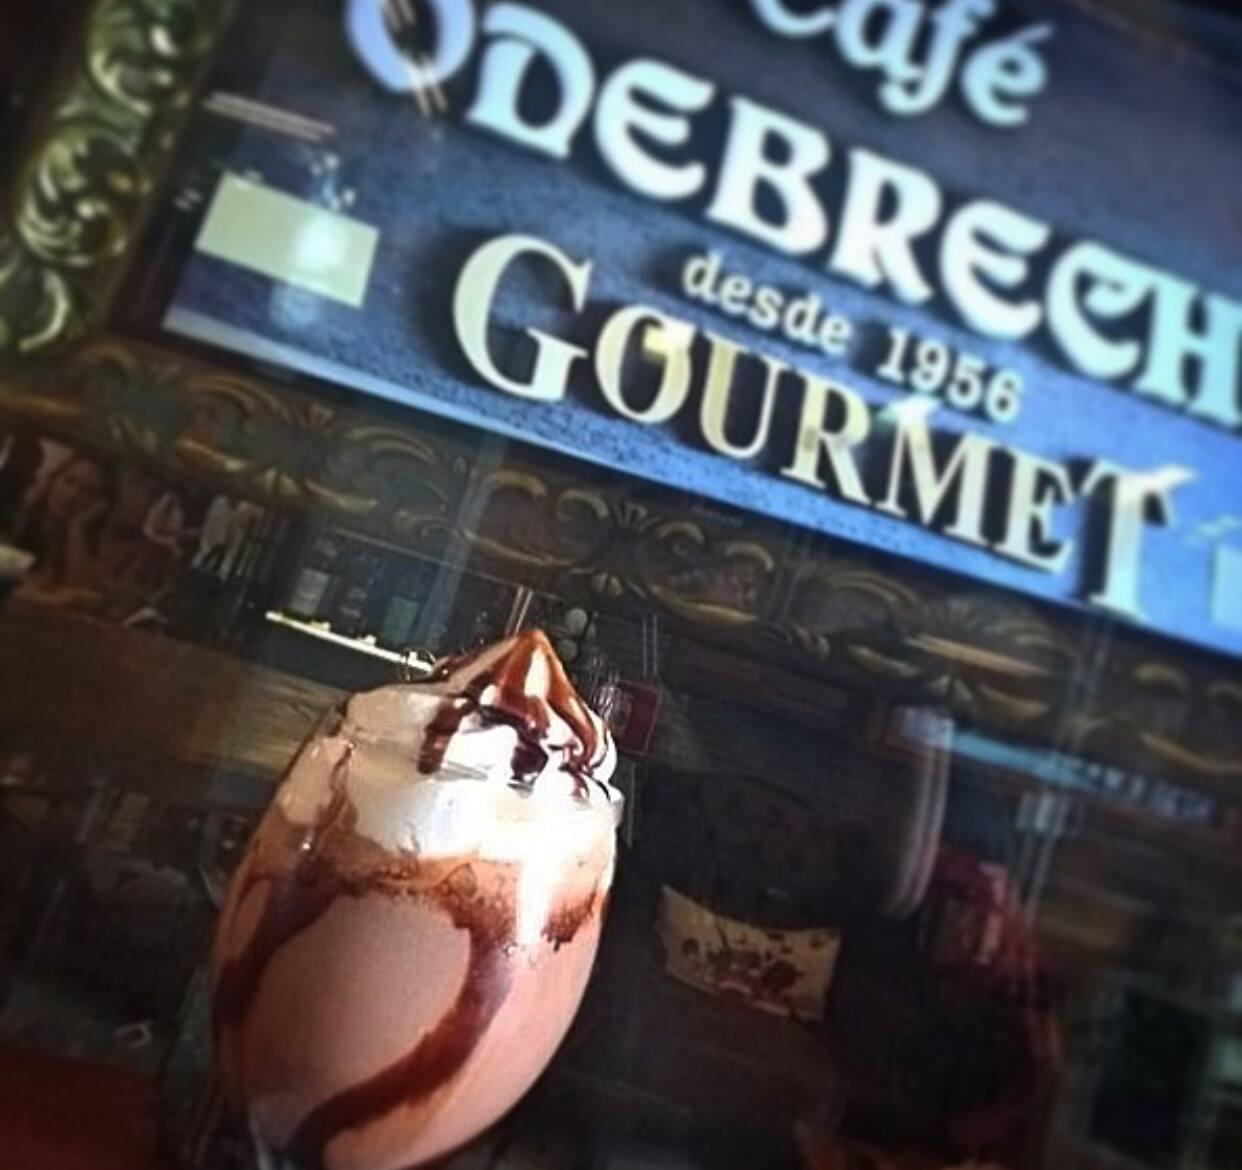 Cafeteria Odebrecht Gourmet